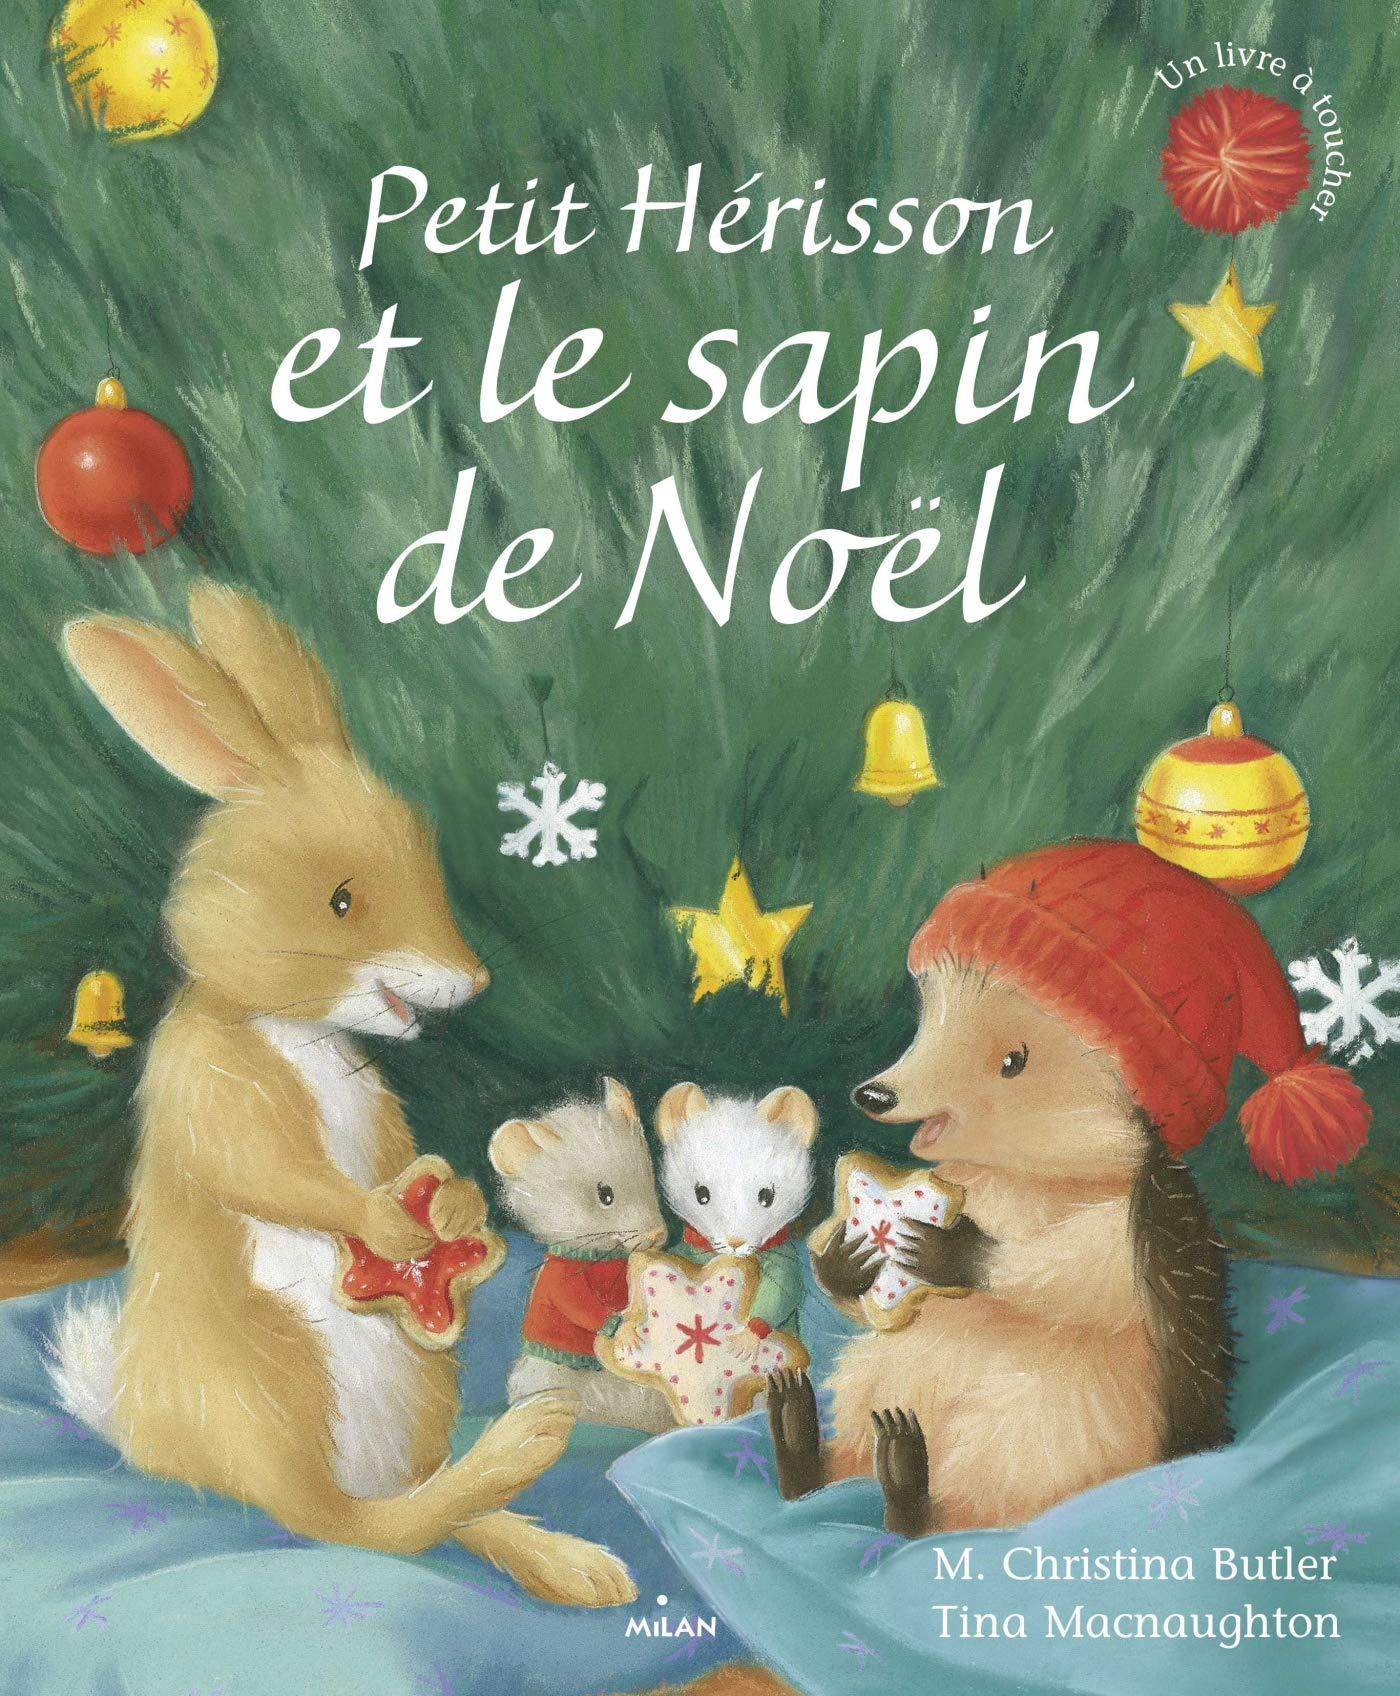 Petit Herisson Petit Herisson Et Le Sapin De Noel